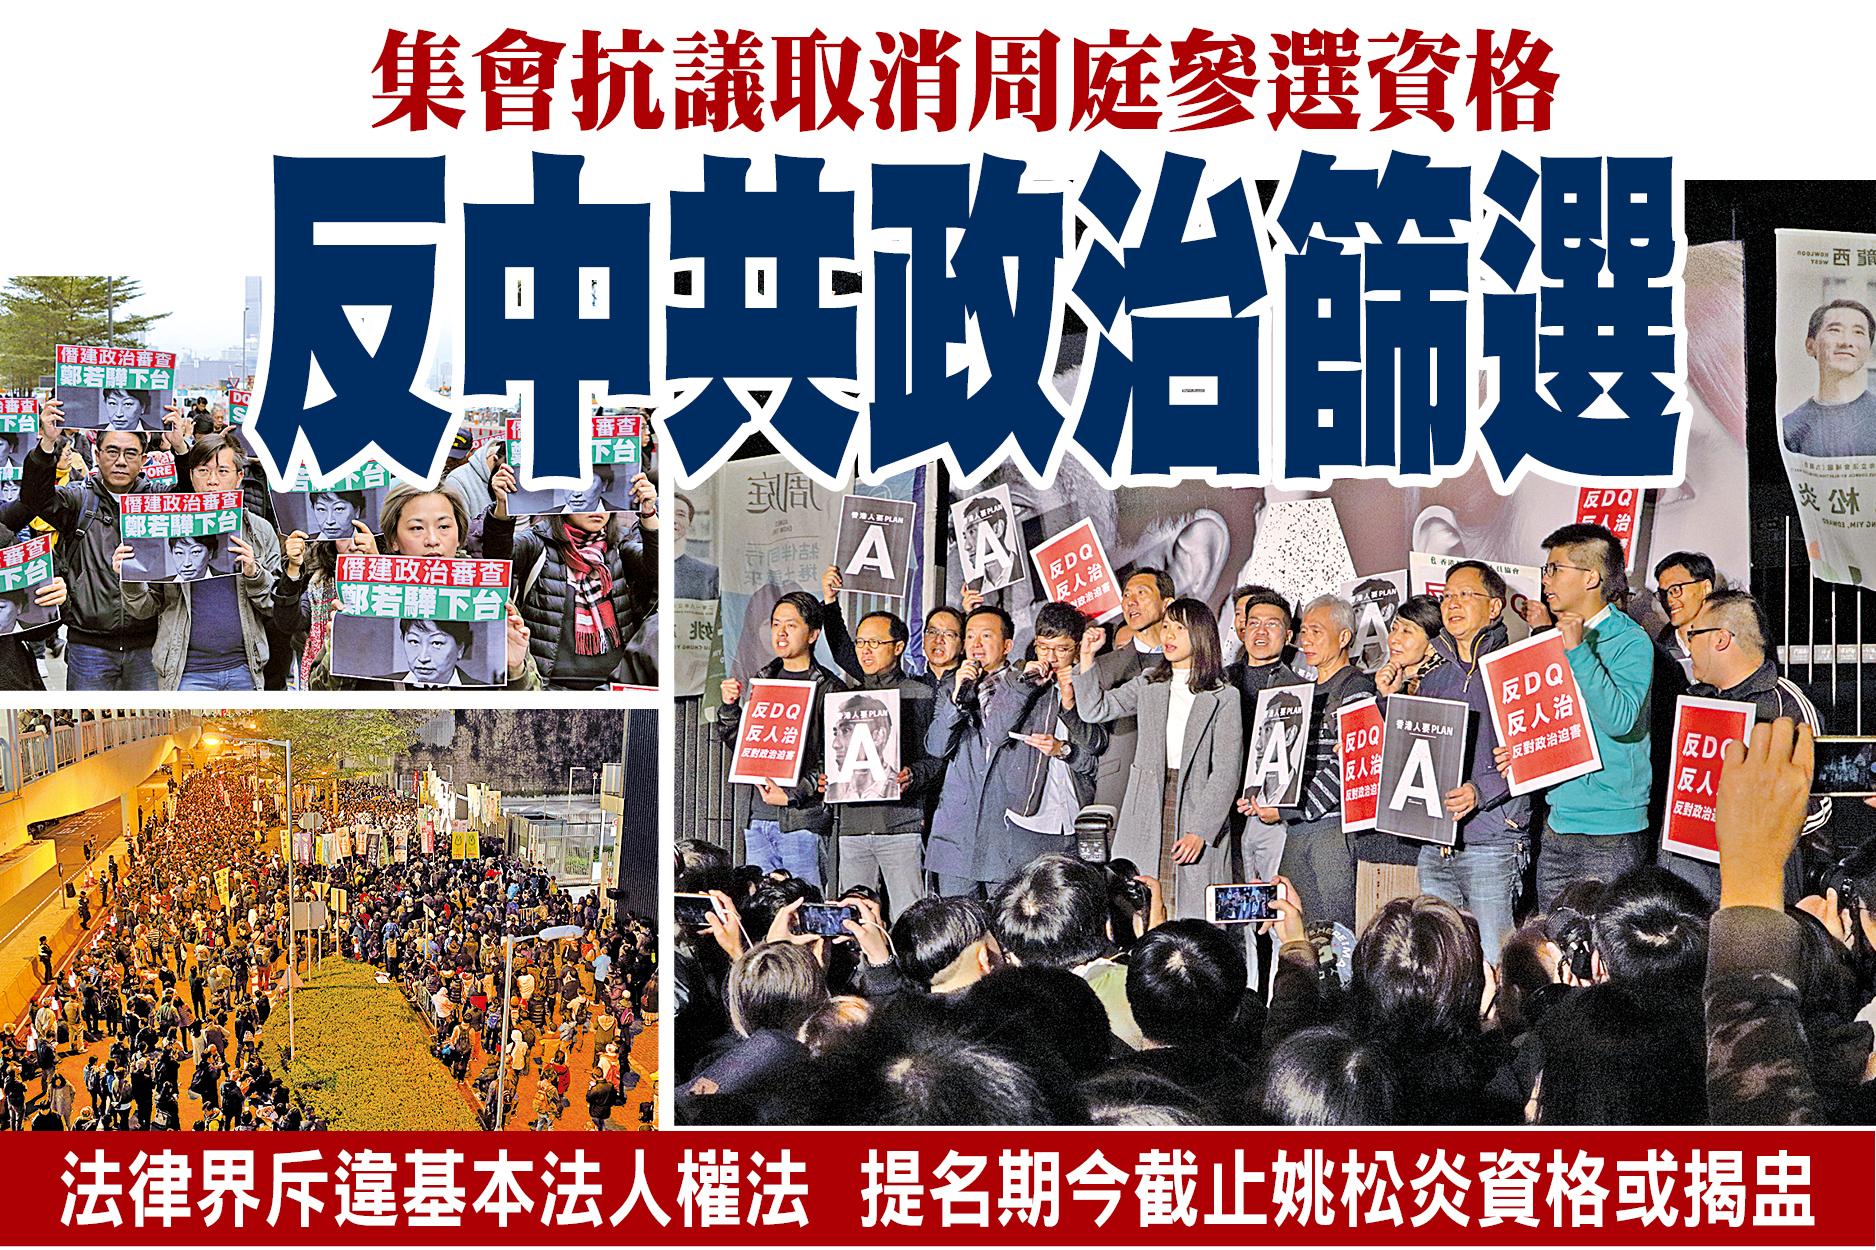 集會抗議取消周庭參選資格 反中共政治篩選